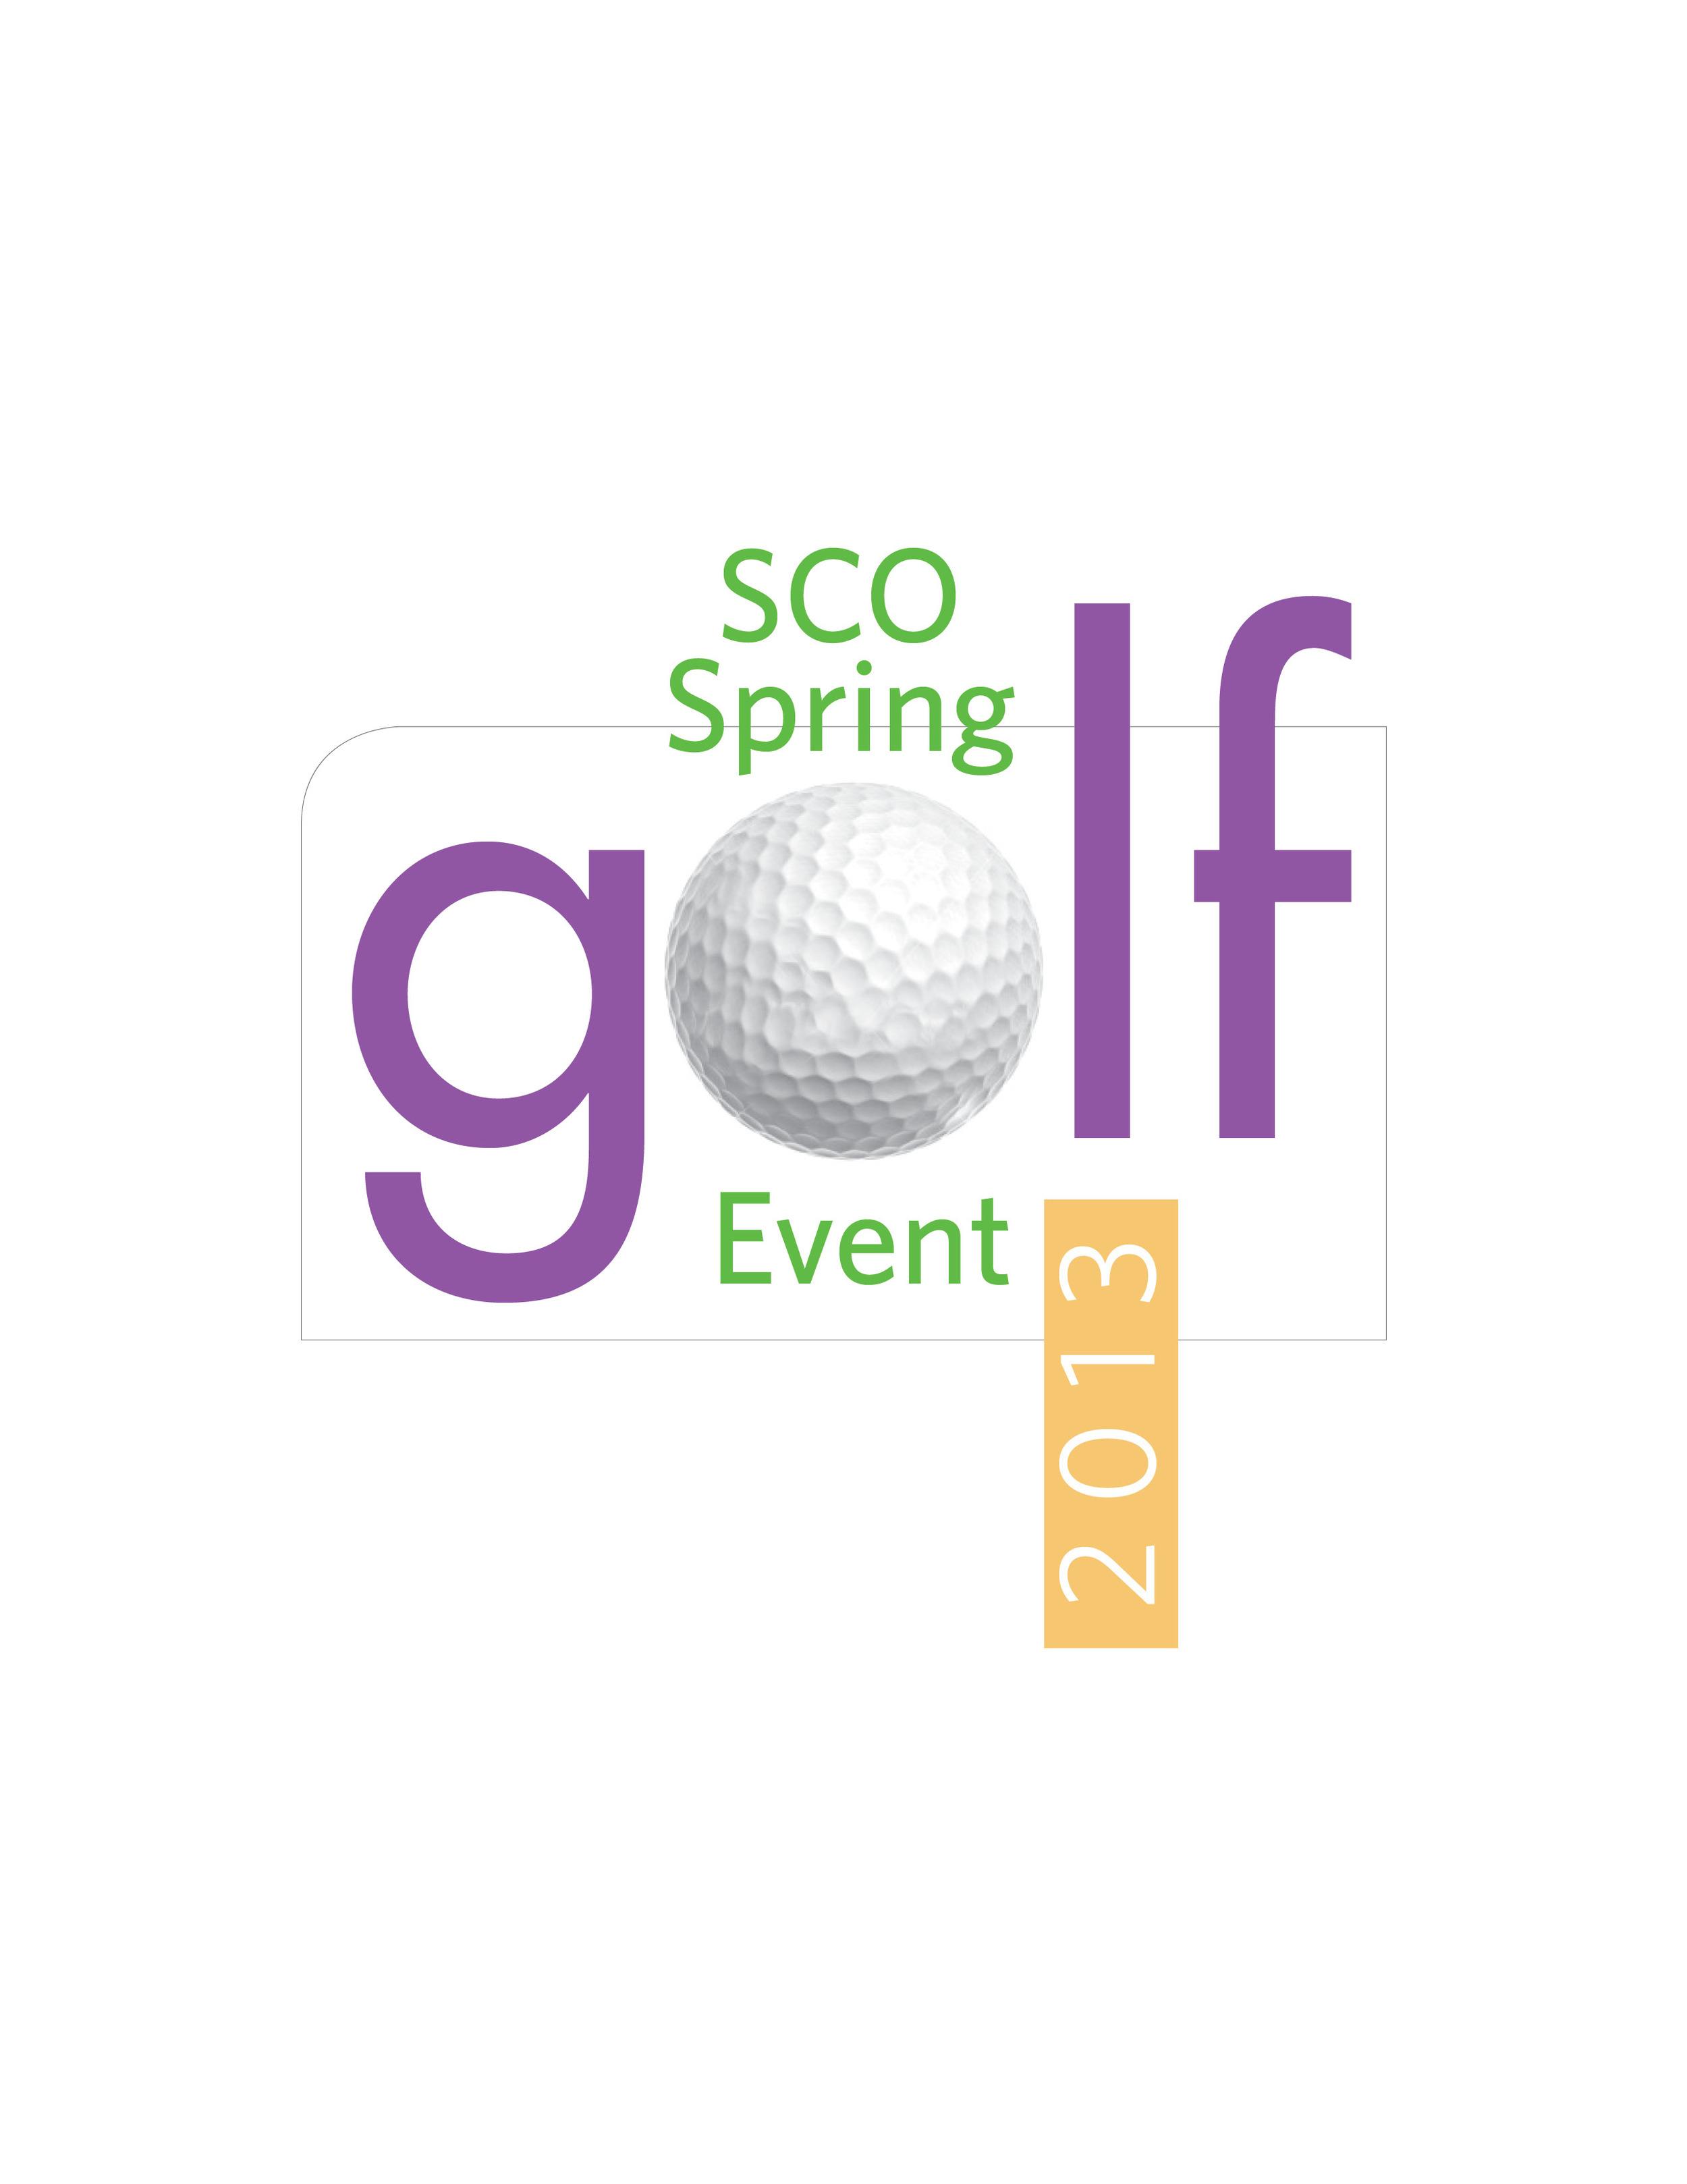 SCO_3-logos.jpg